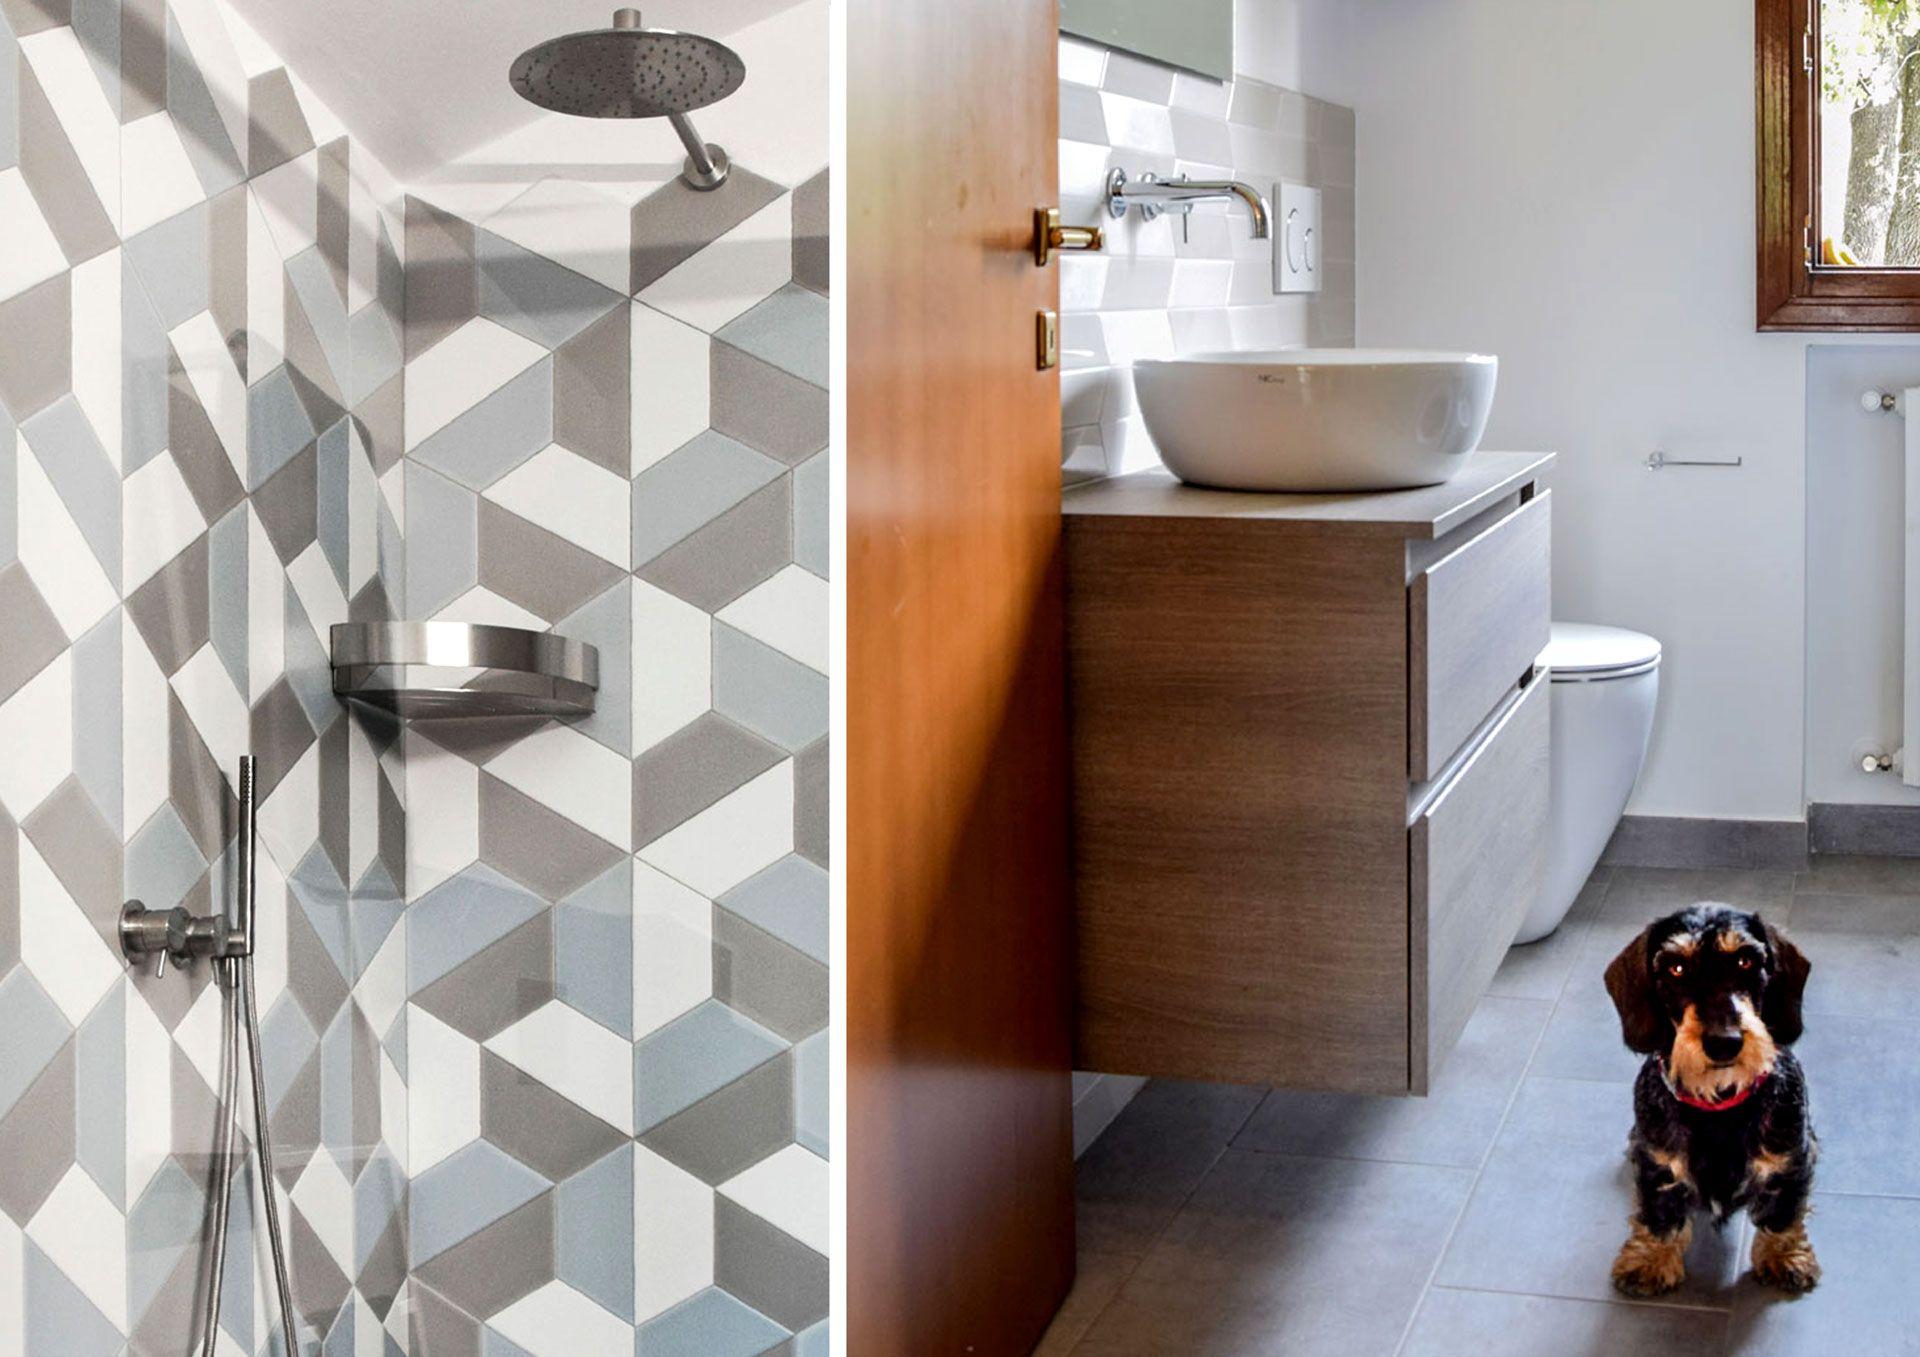 Arredo Bagno Ozzano Emilia.Creative Bathrooms Castel Bolognese Ceramica Senio